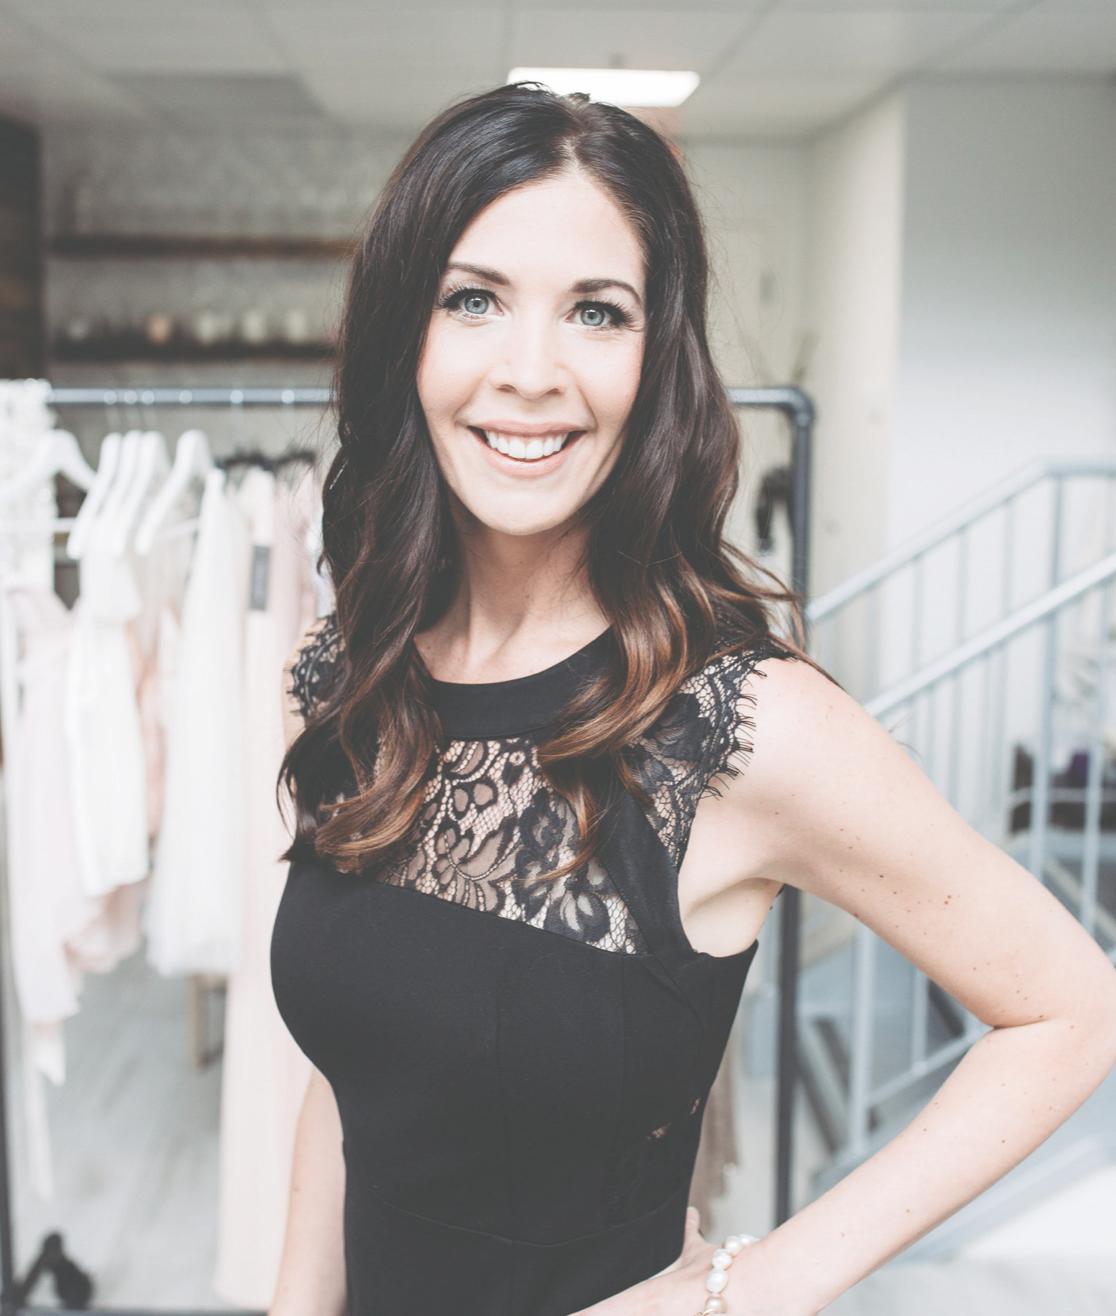 blush & raven bridal boutique boutique team photo